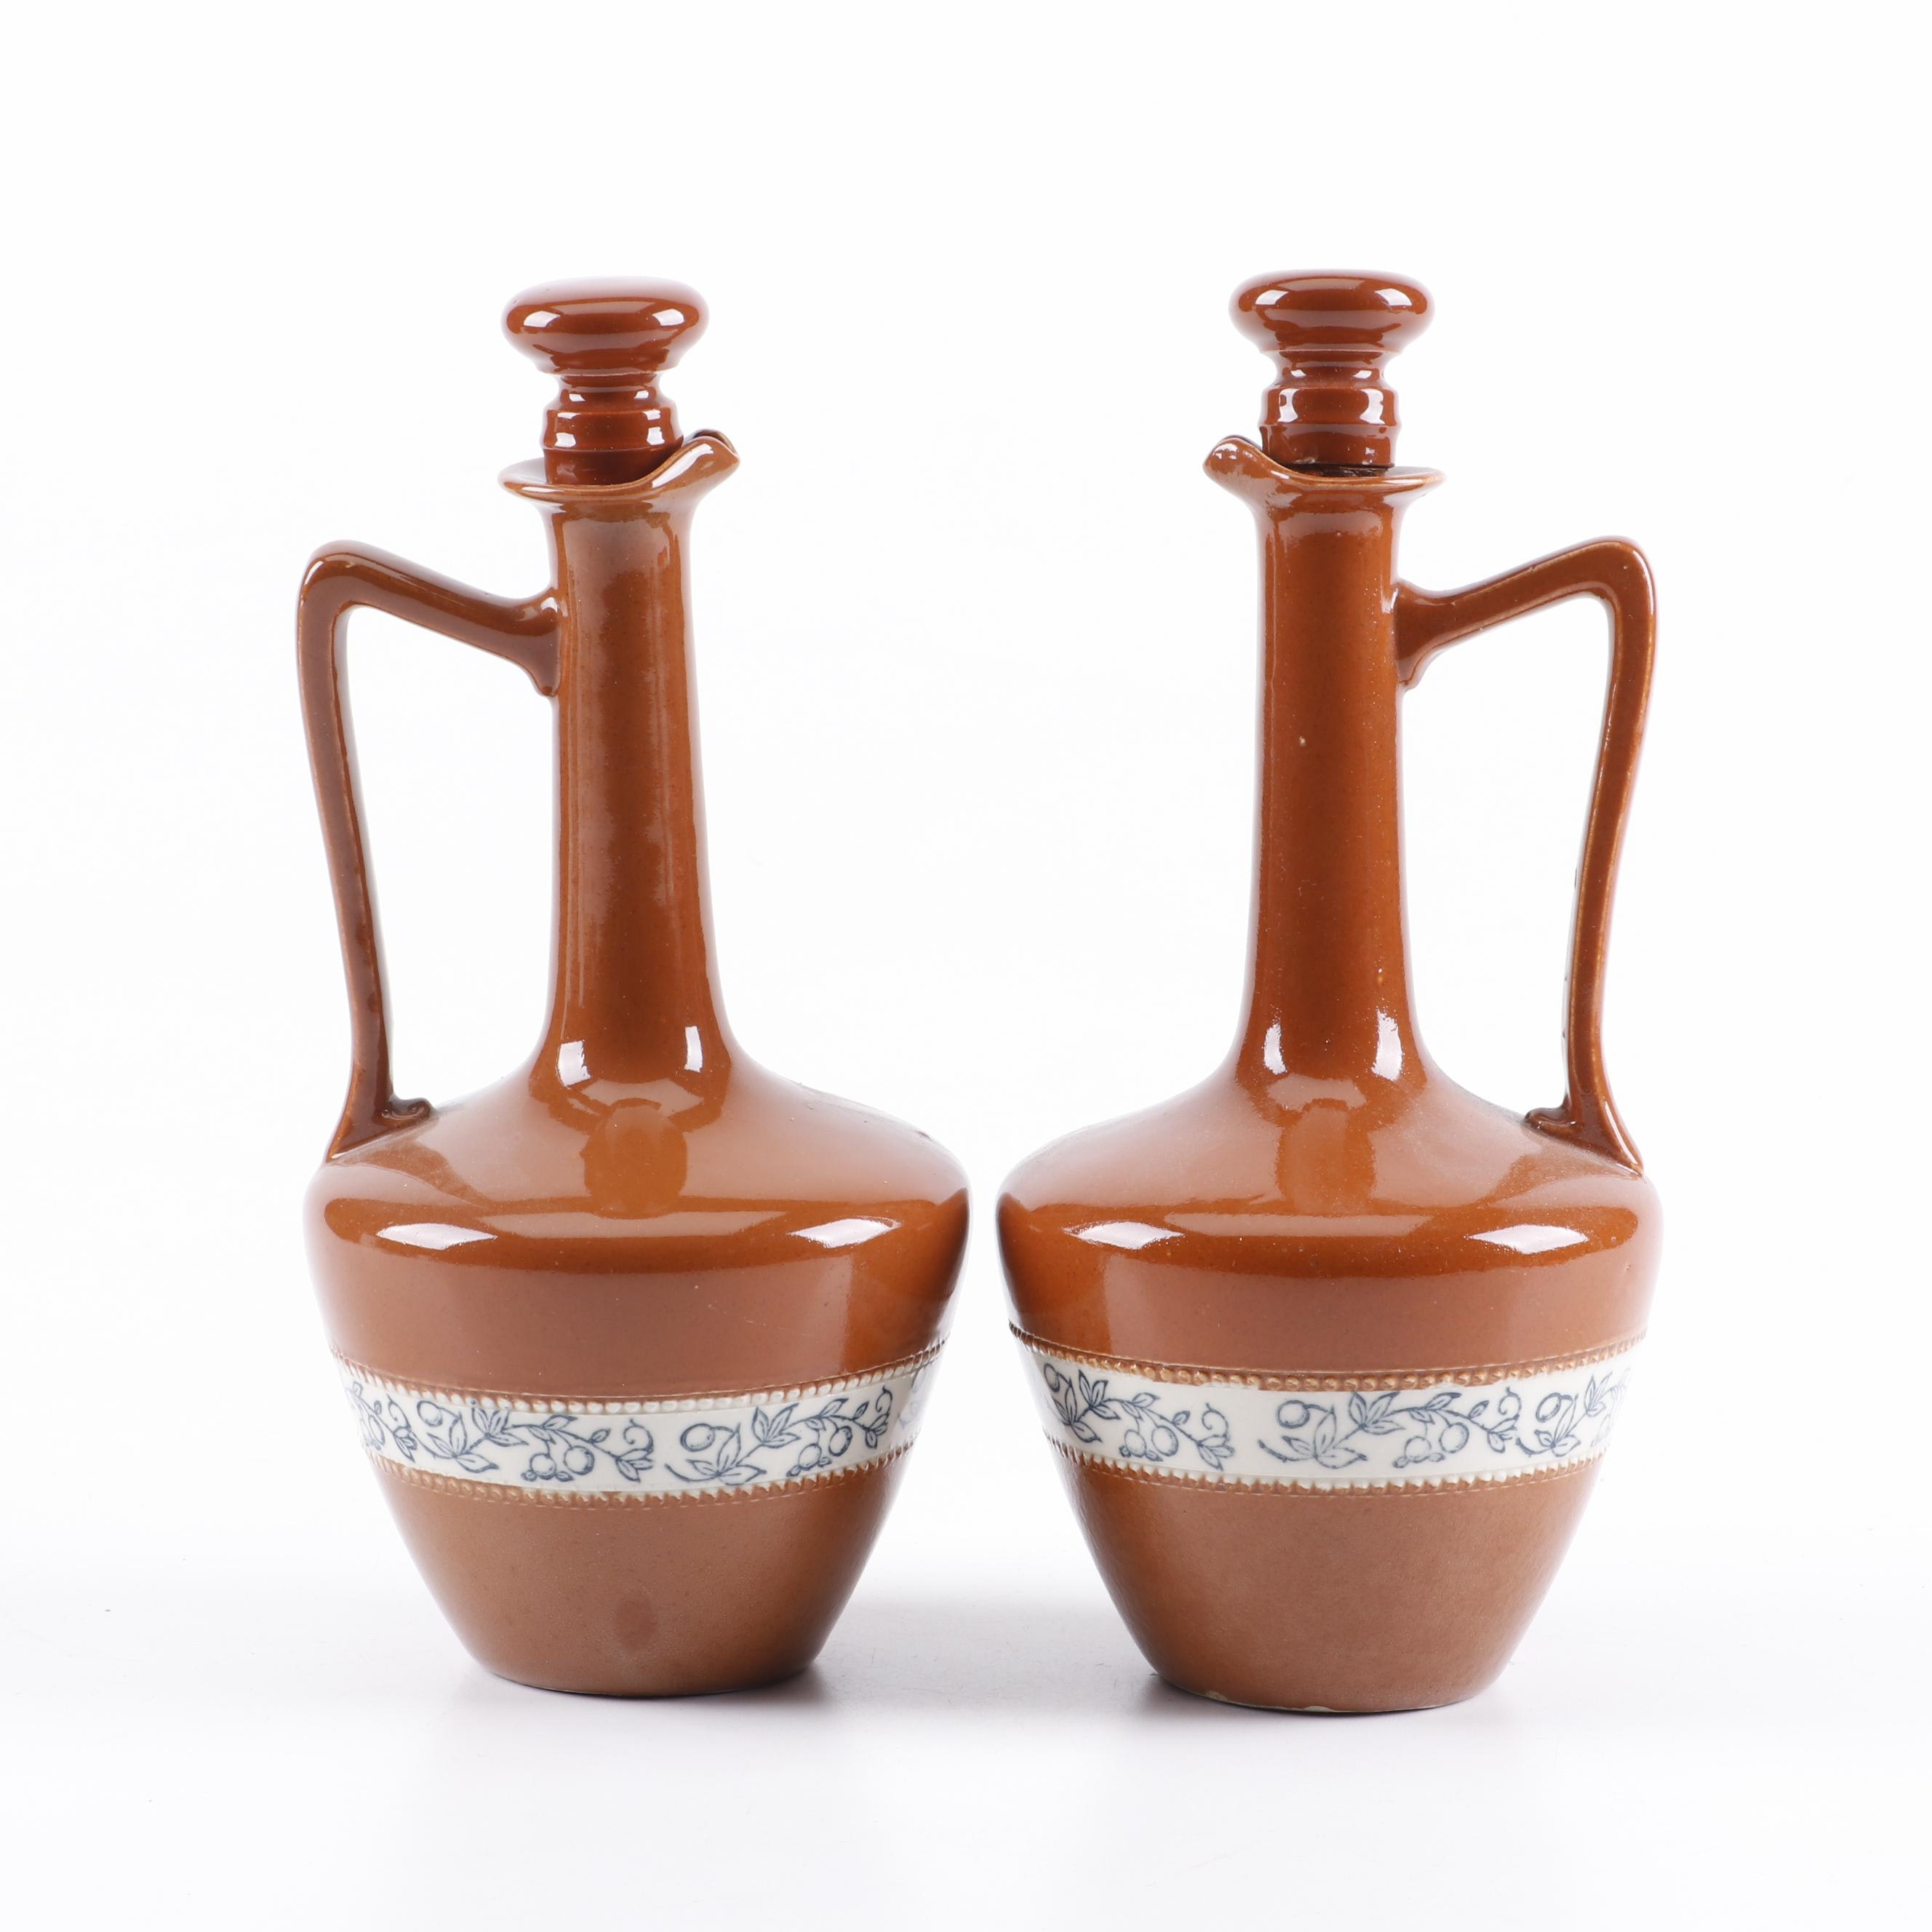 French P. Garnier Stoneware Liquor Bottles